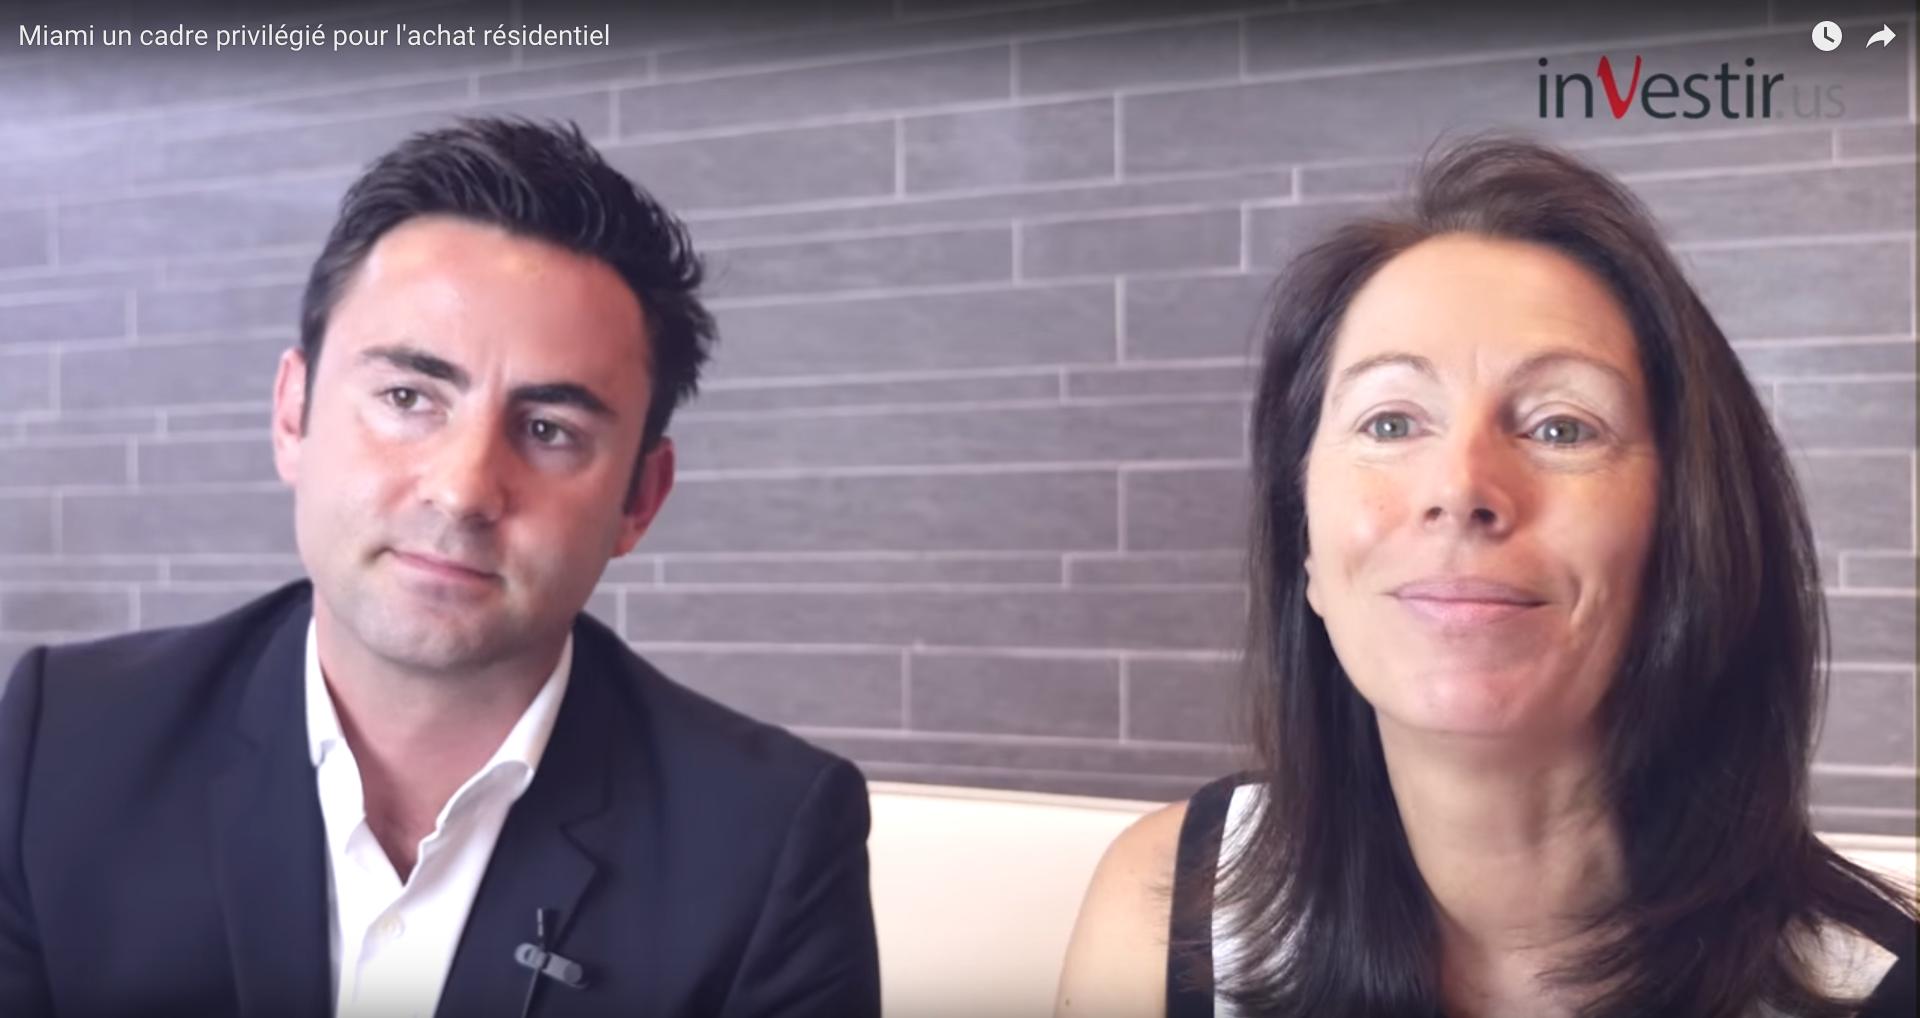 Miami un cadre privilégié pour l'achat résidentiel – Investir US